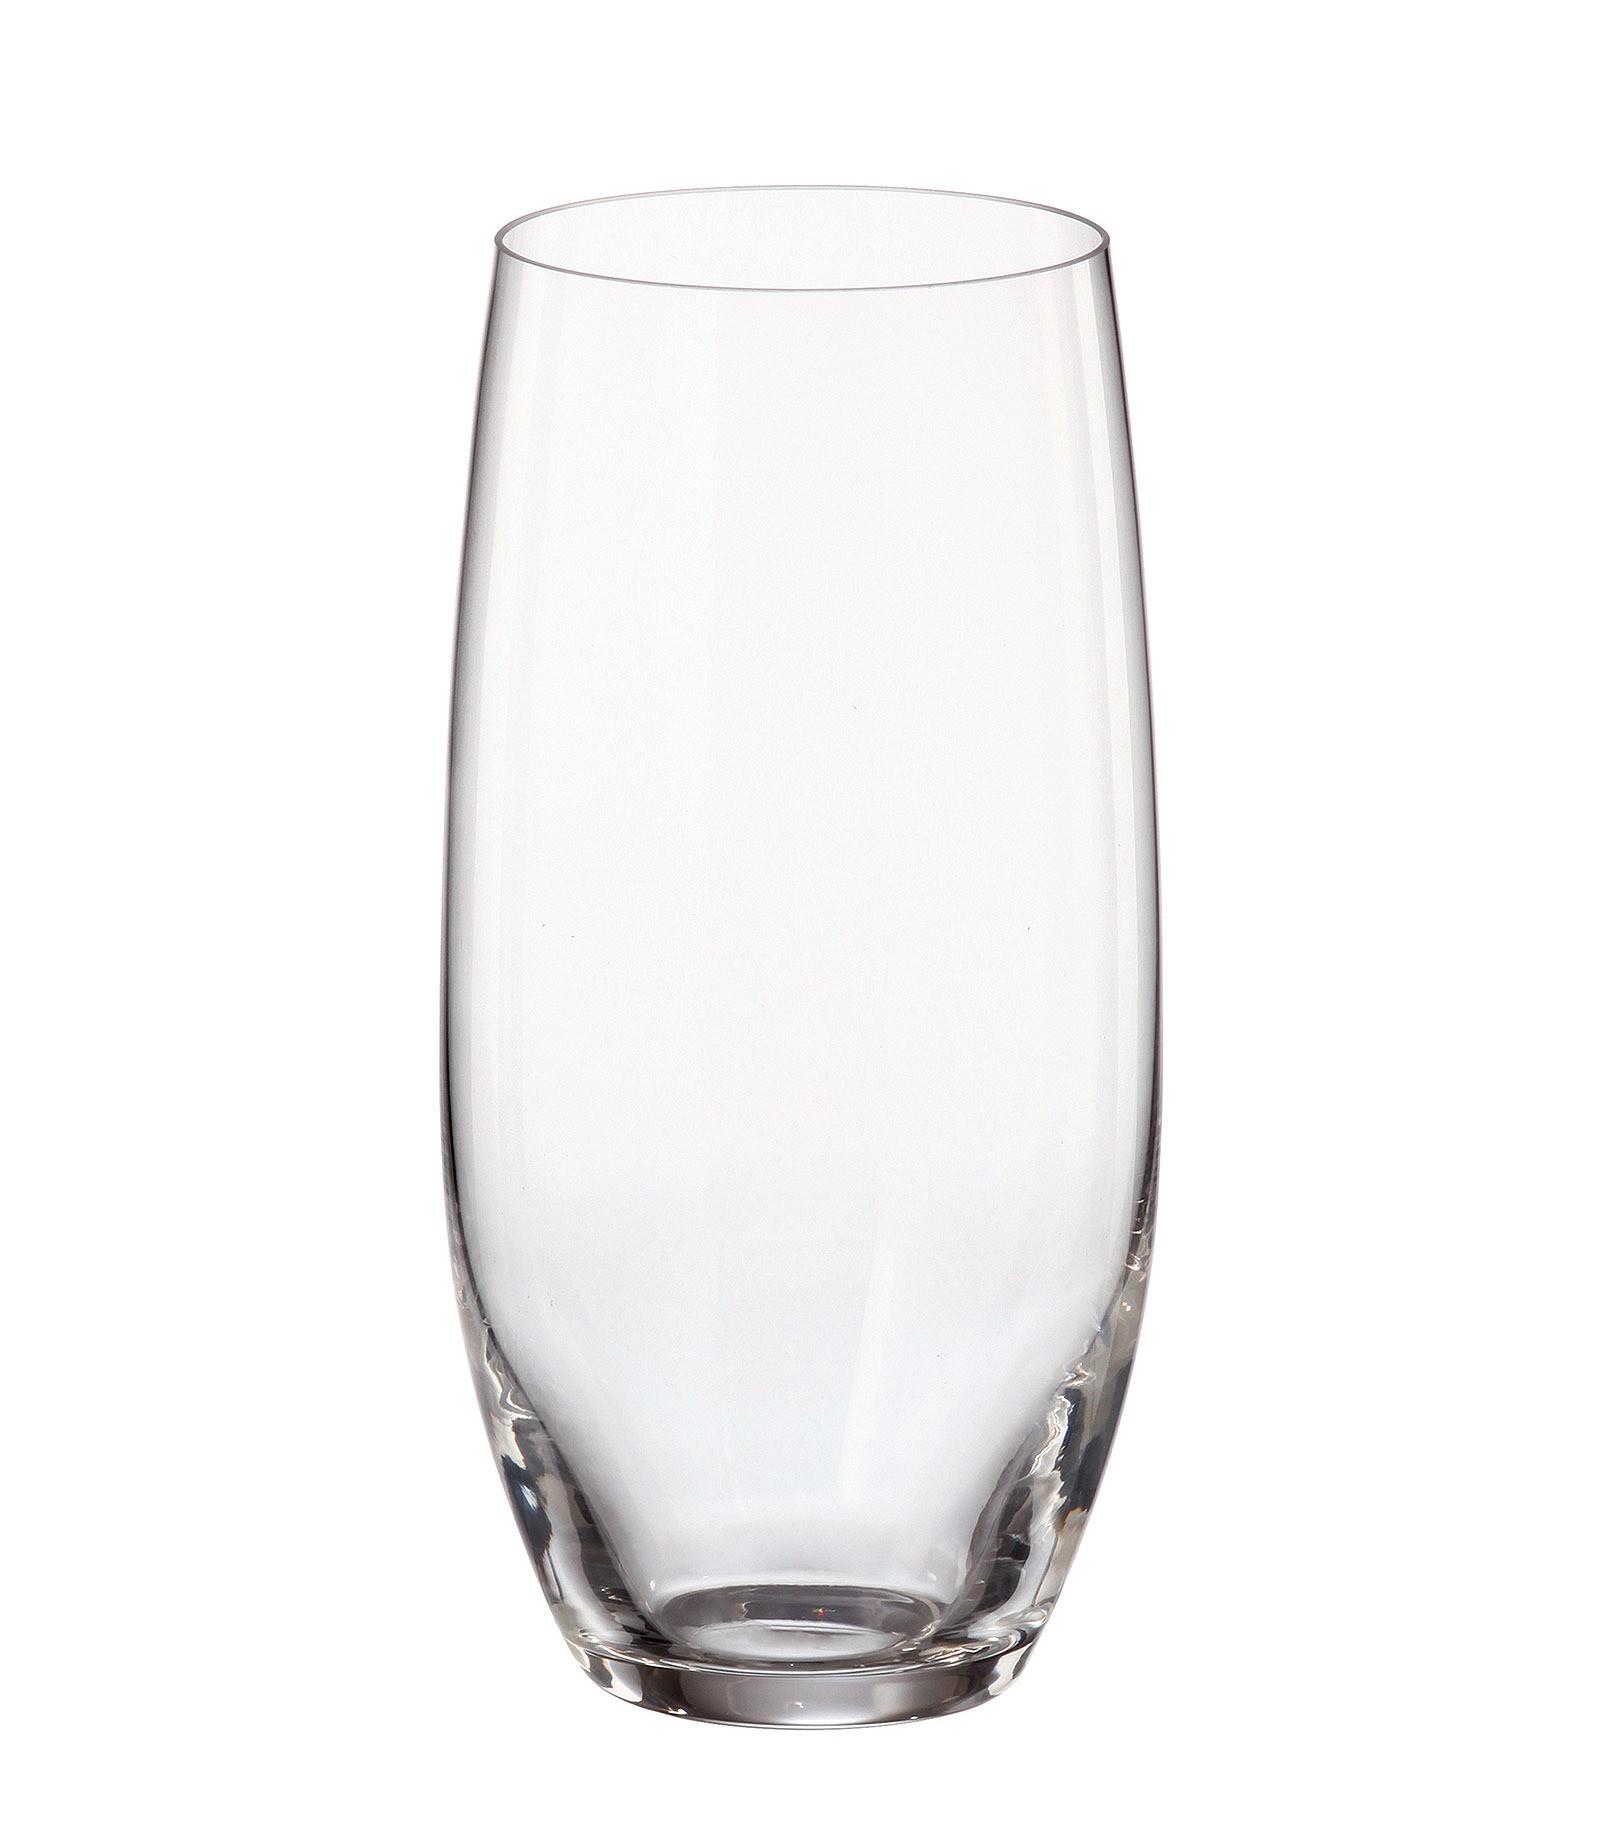 Ποτήρι Νερού - Αναψυκτικού Mergus Σετ 6Τμχ Κρυστάλλινο 470ml Bohemia home   ειδη σερβιρισματος   ποτήρια